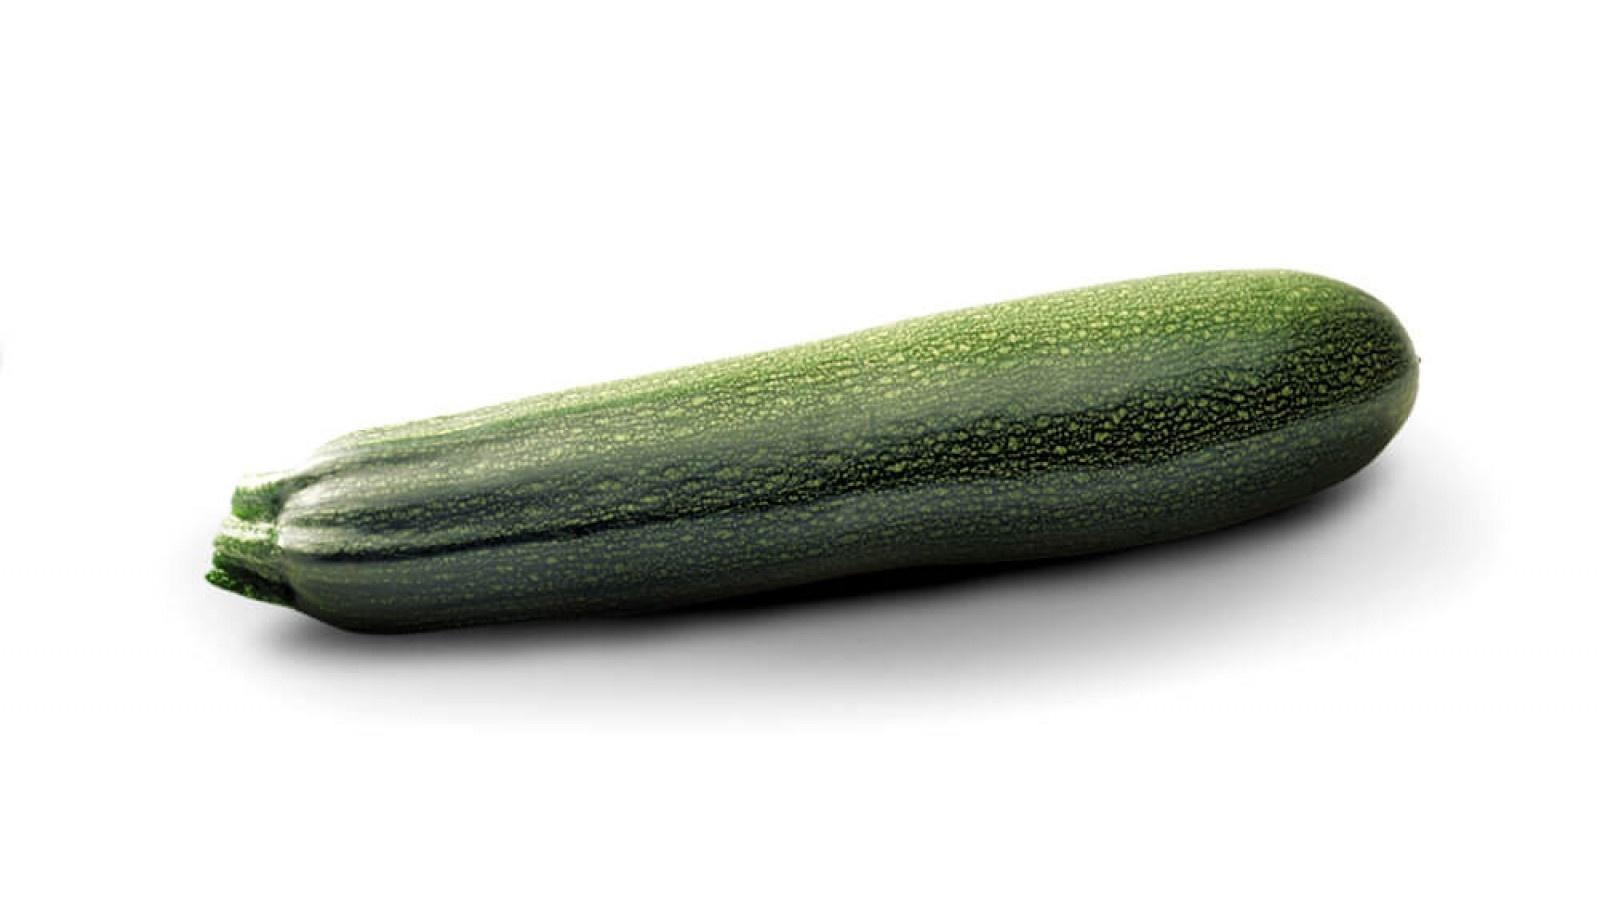 Courgette groen /stuk